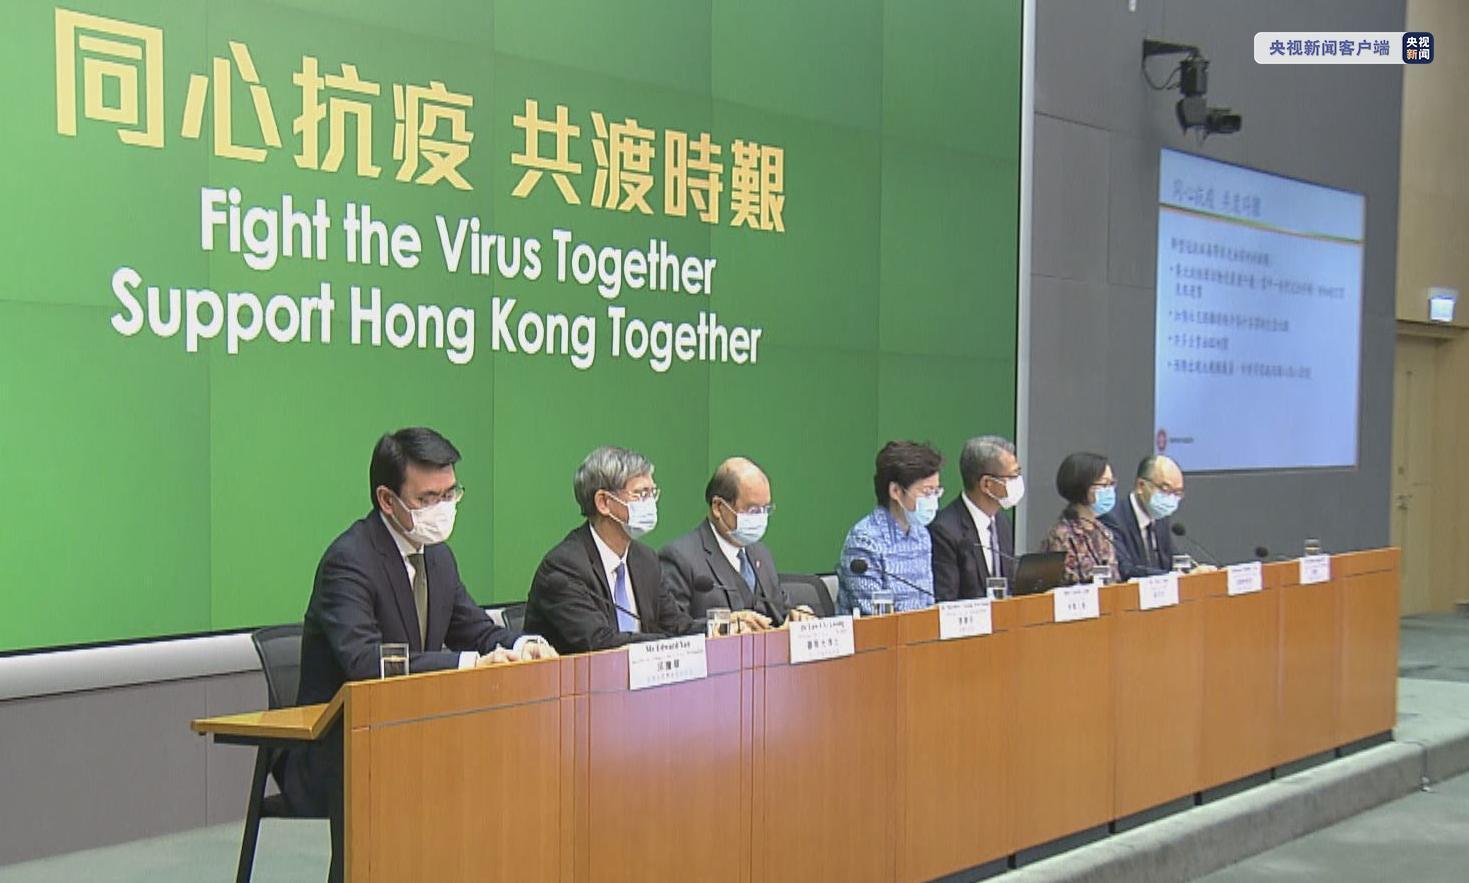 蓝冠官网,00亿港币保就业香港蓝冠官网特区政府公图片